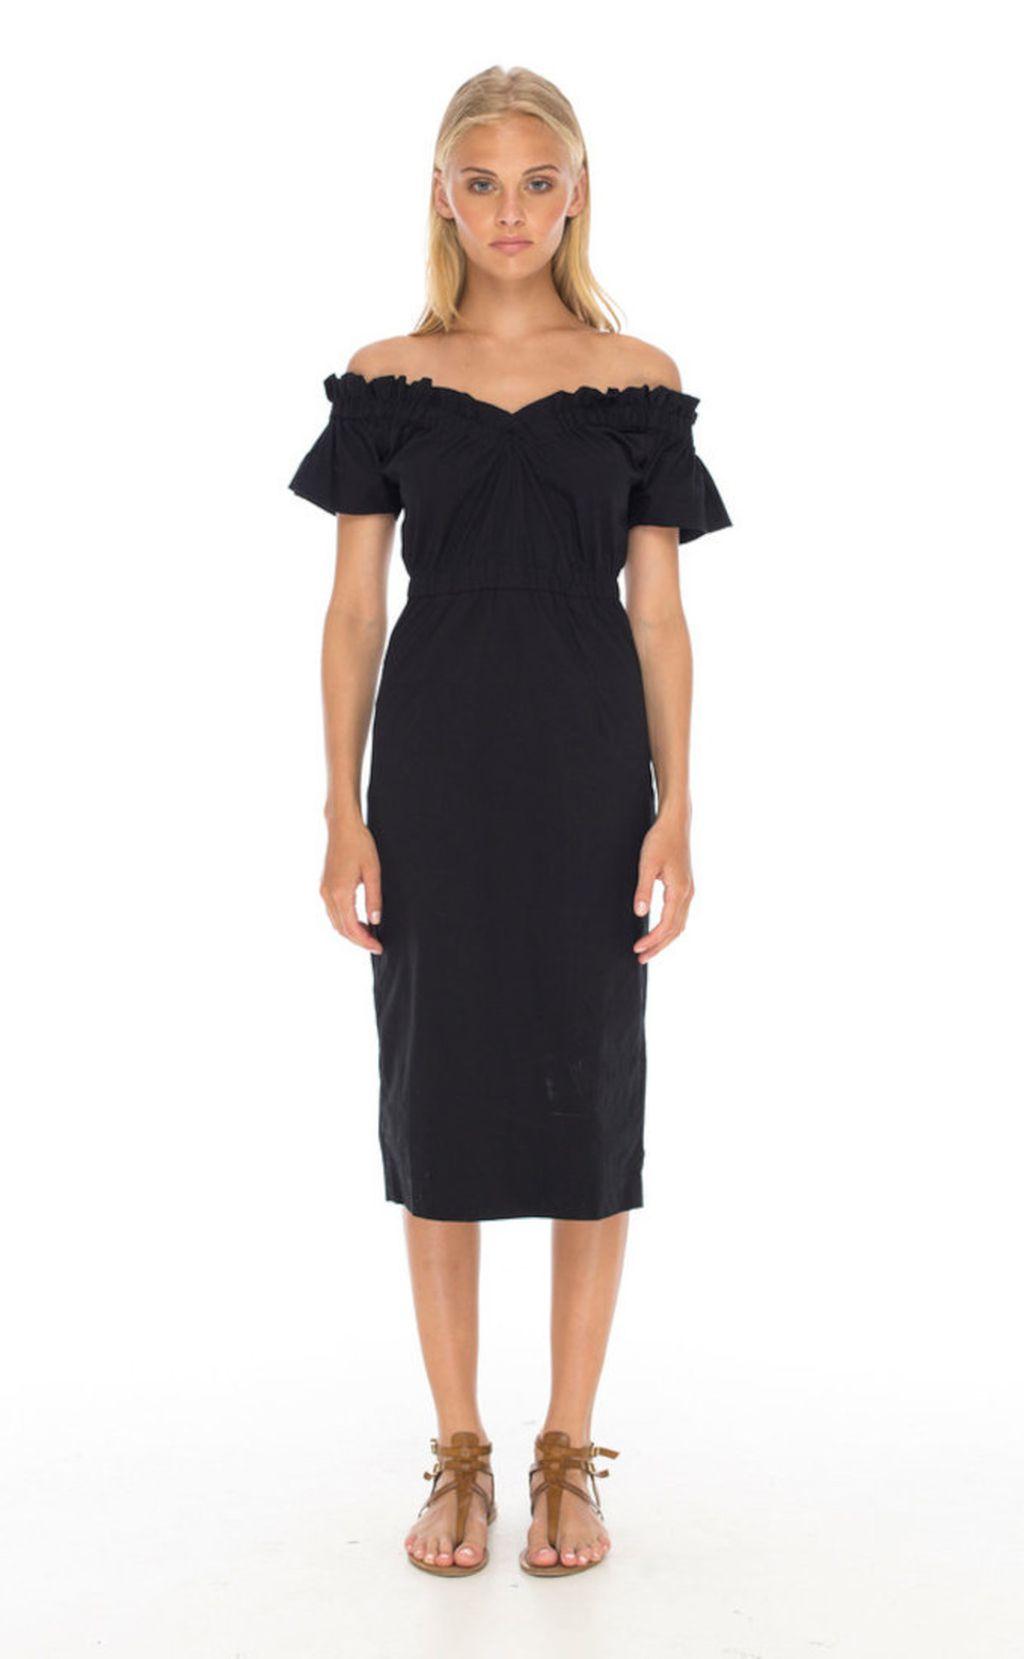 Kraljica Letizia u maloj crnoj haljini španjolskog brenda Maria Malo - 4